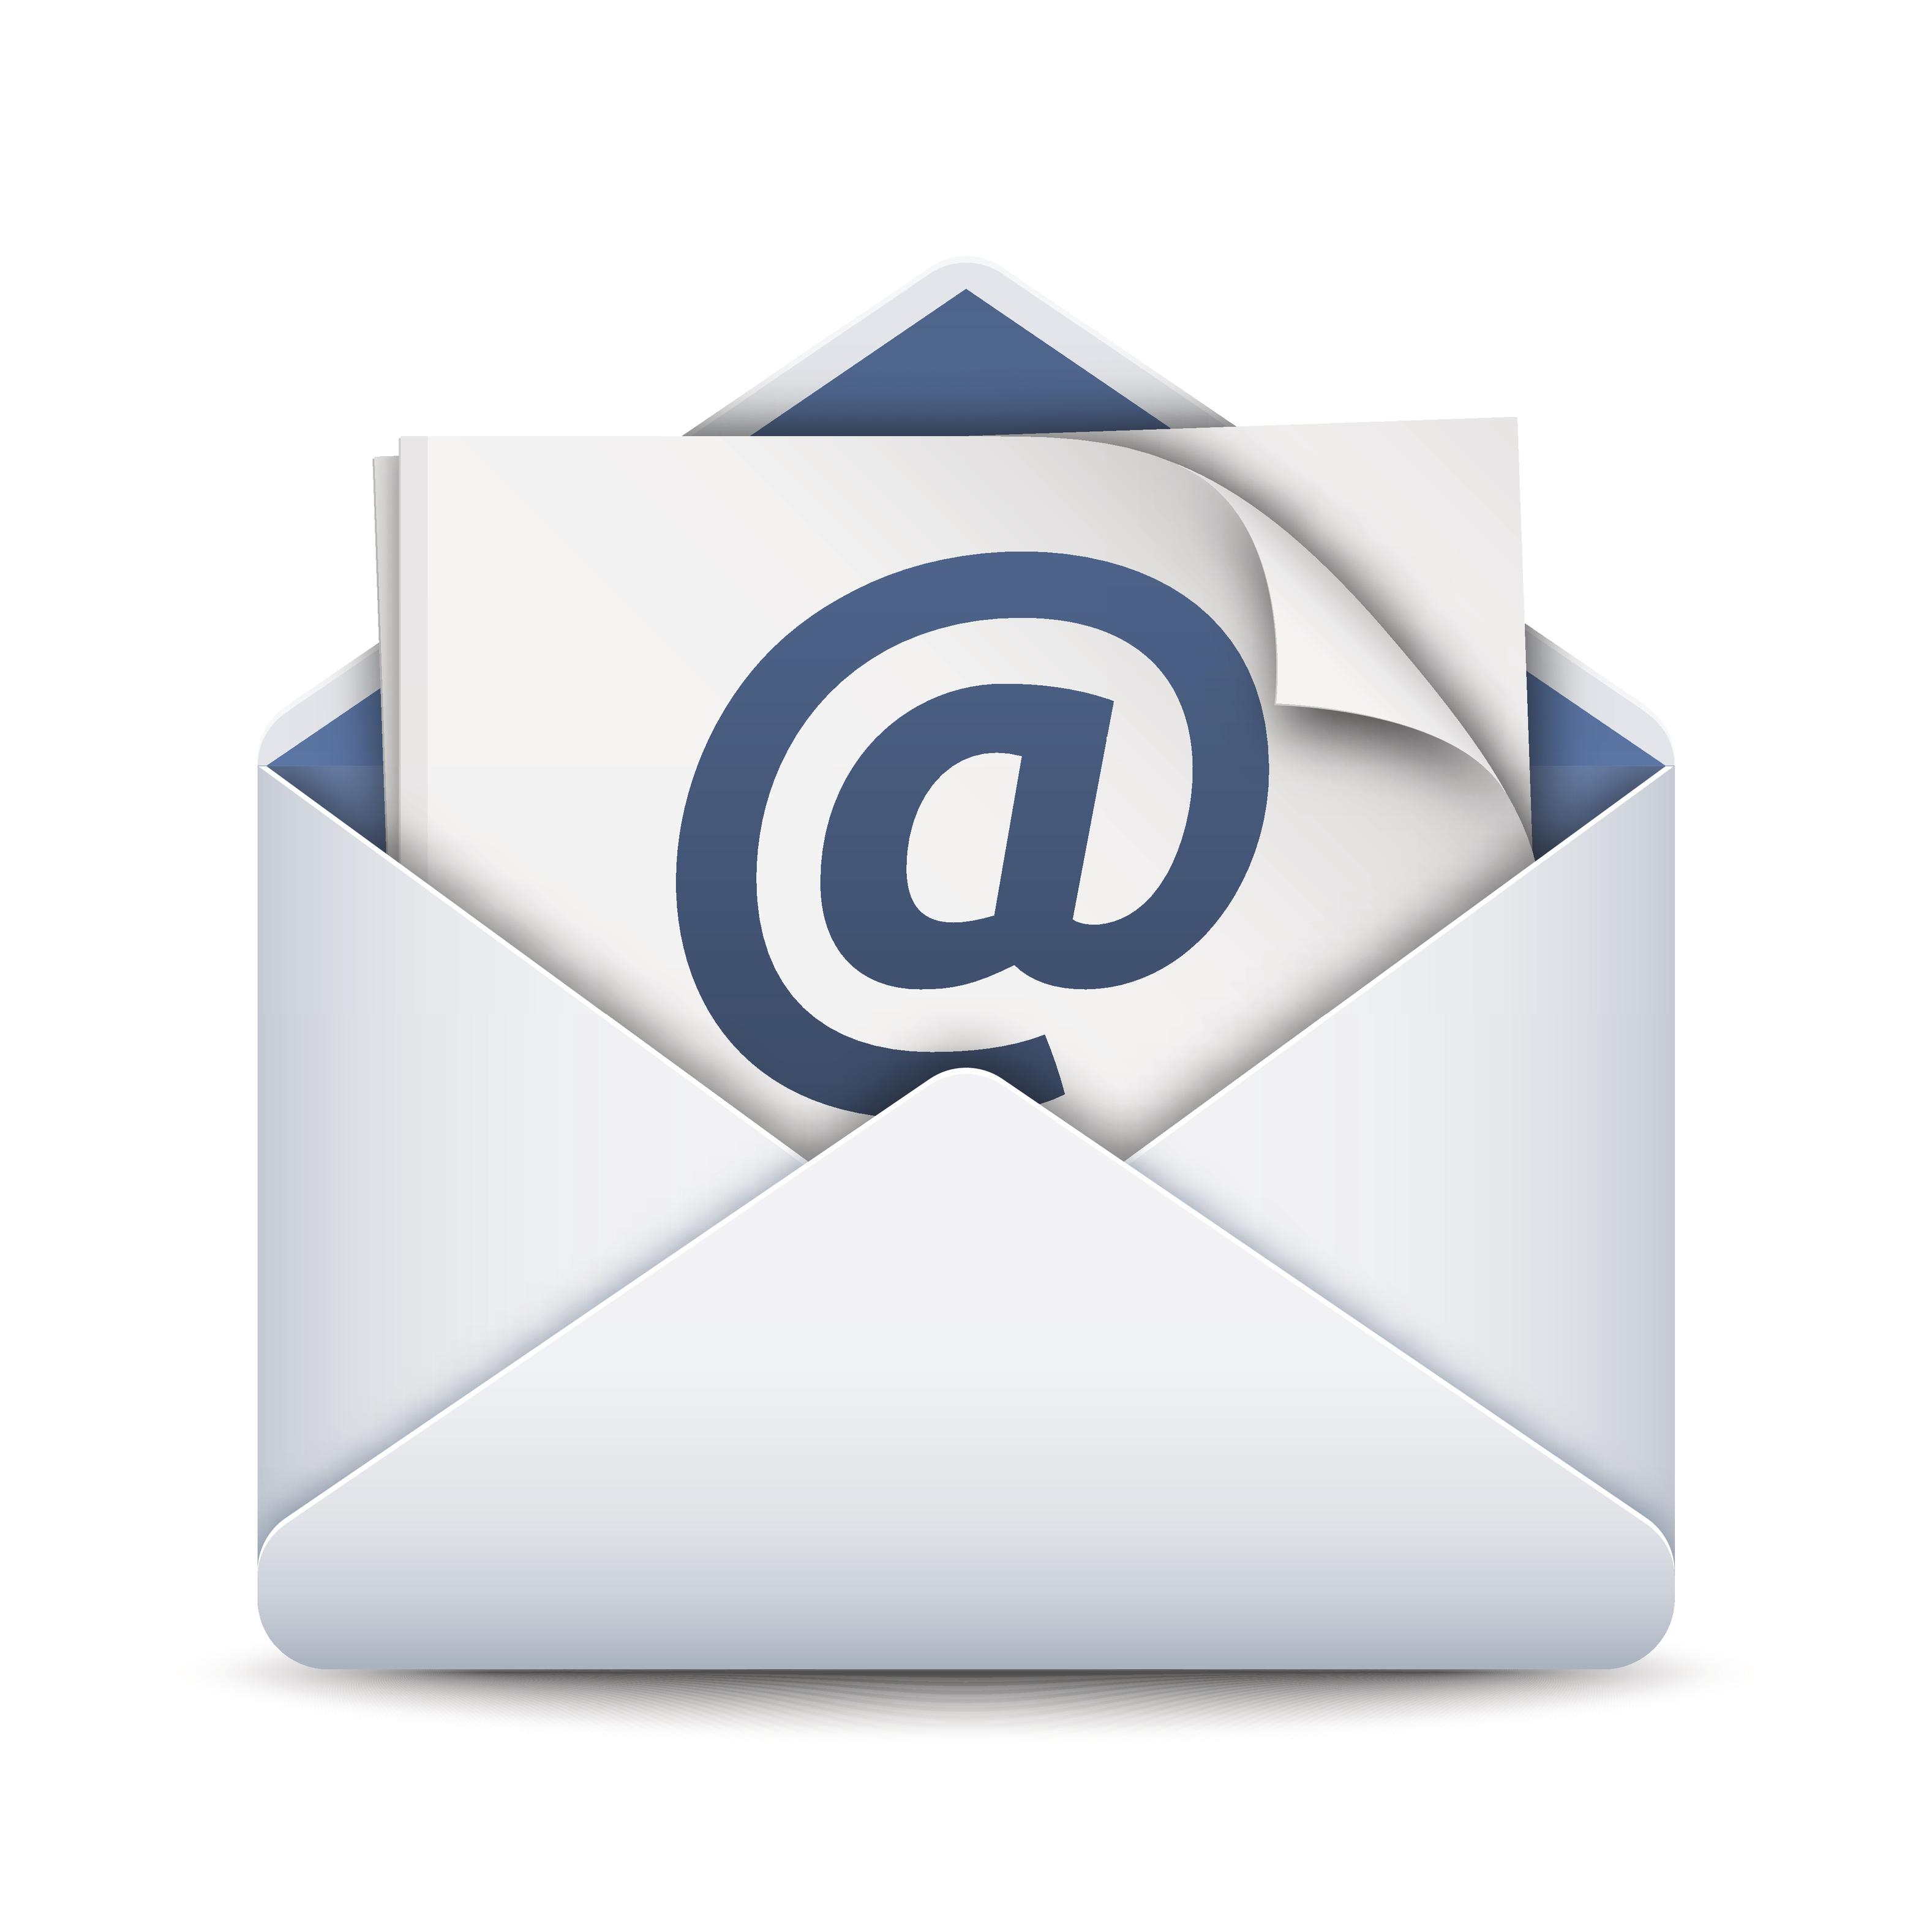 Por que todos os e-mails têm o símbolo de @?   Super